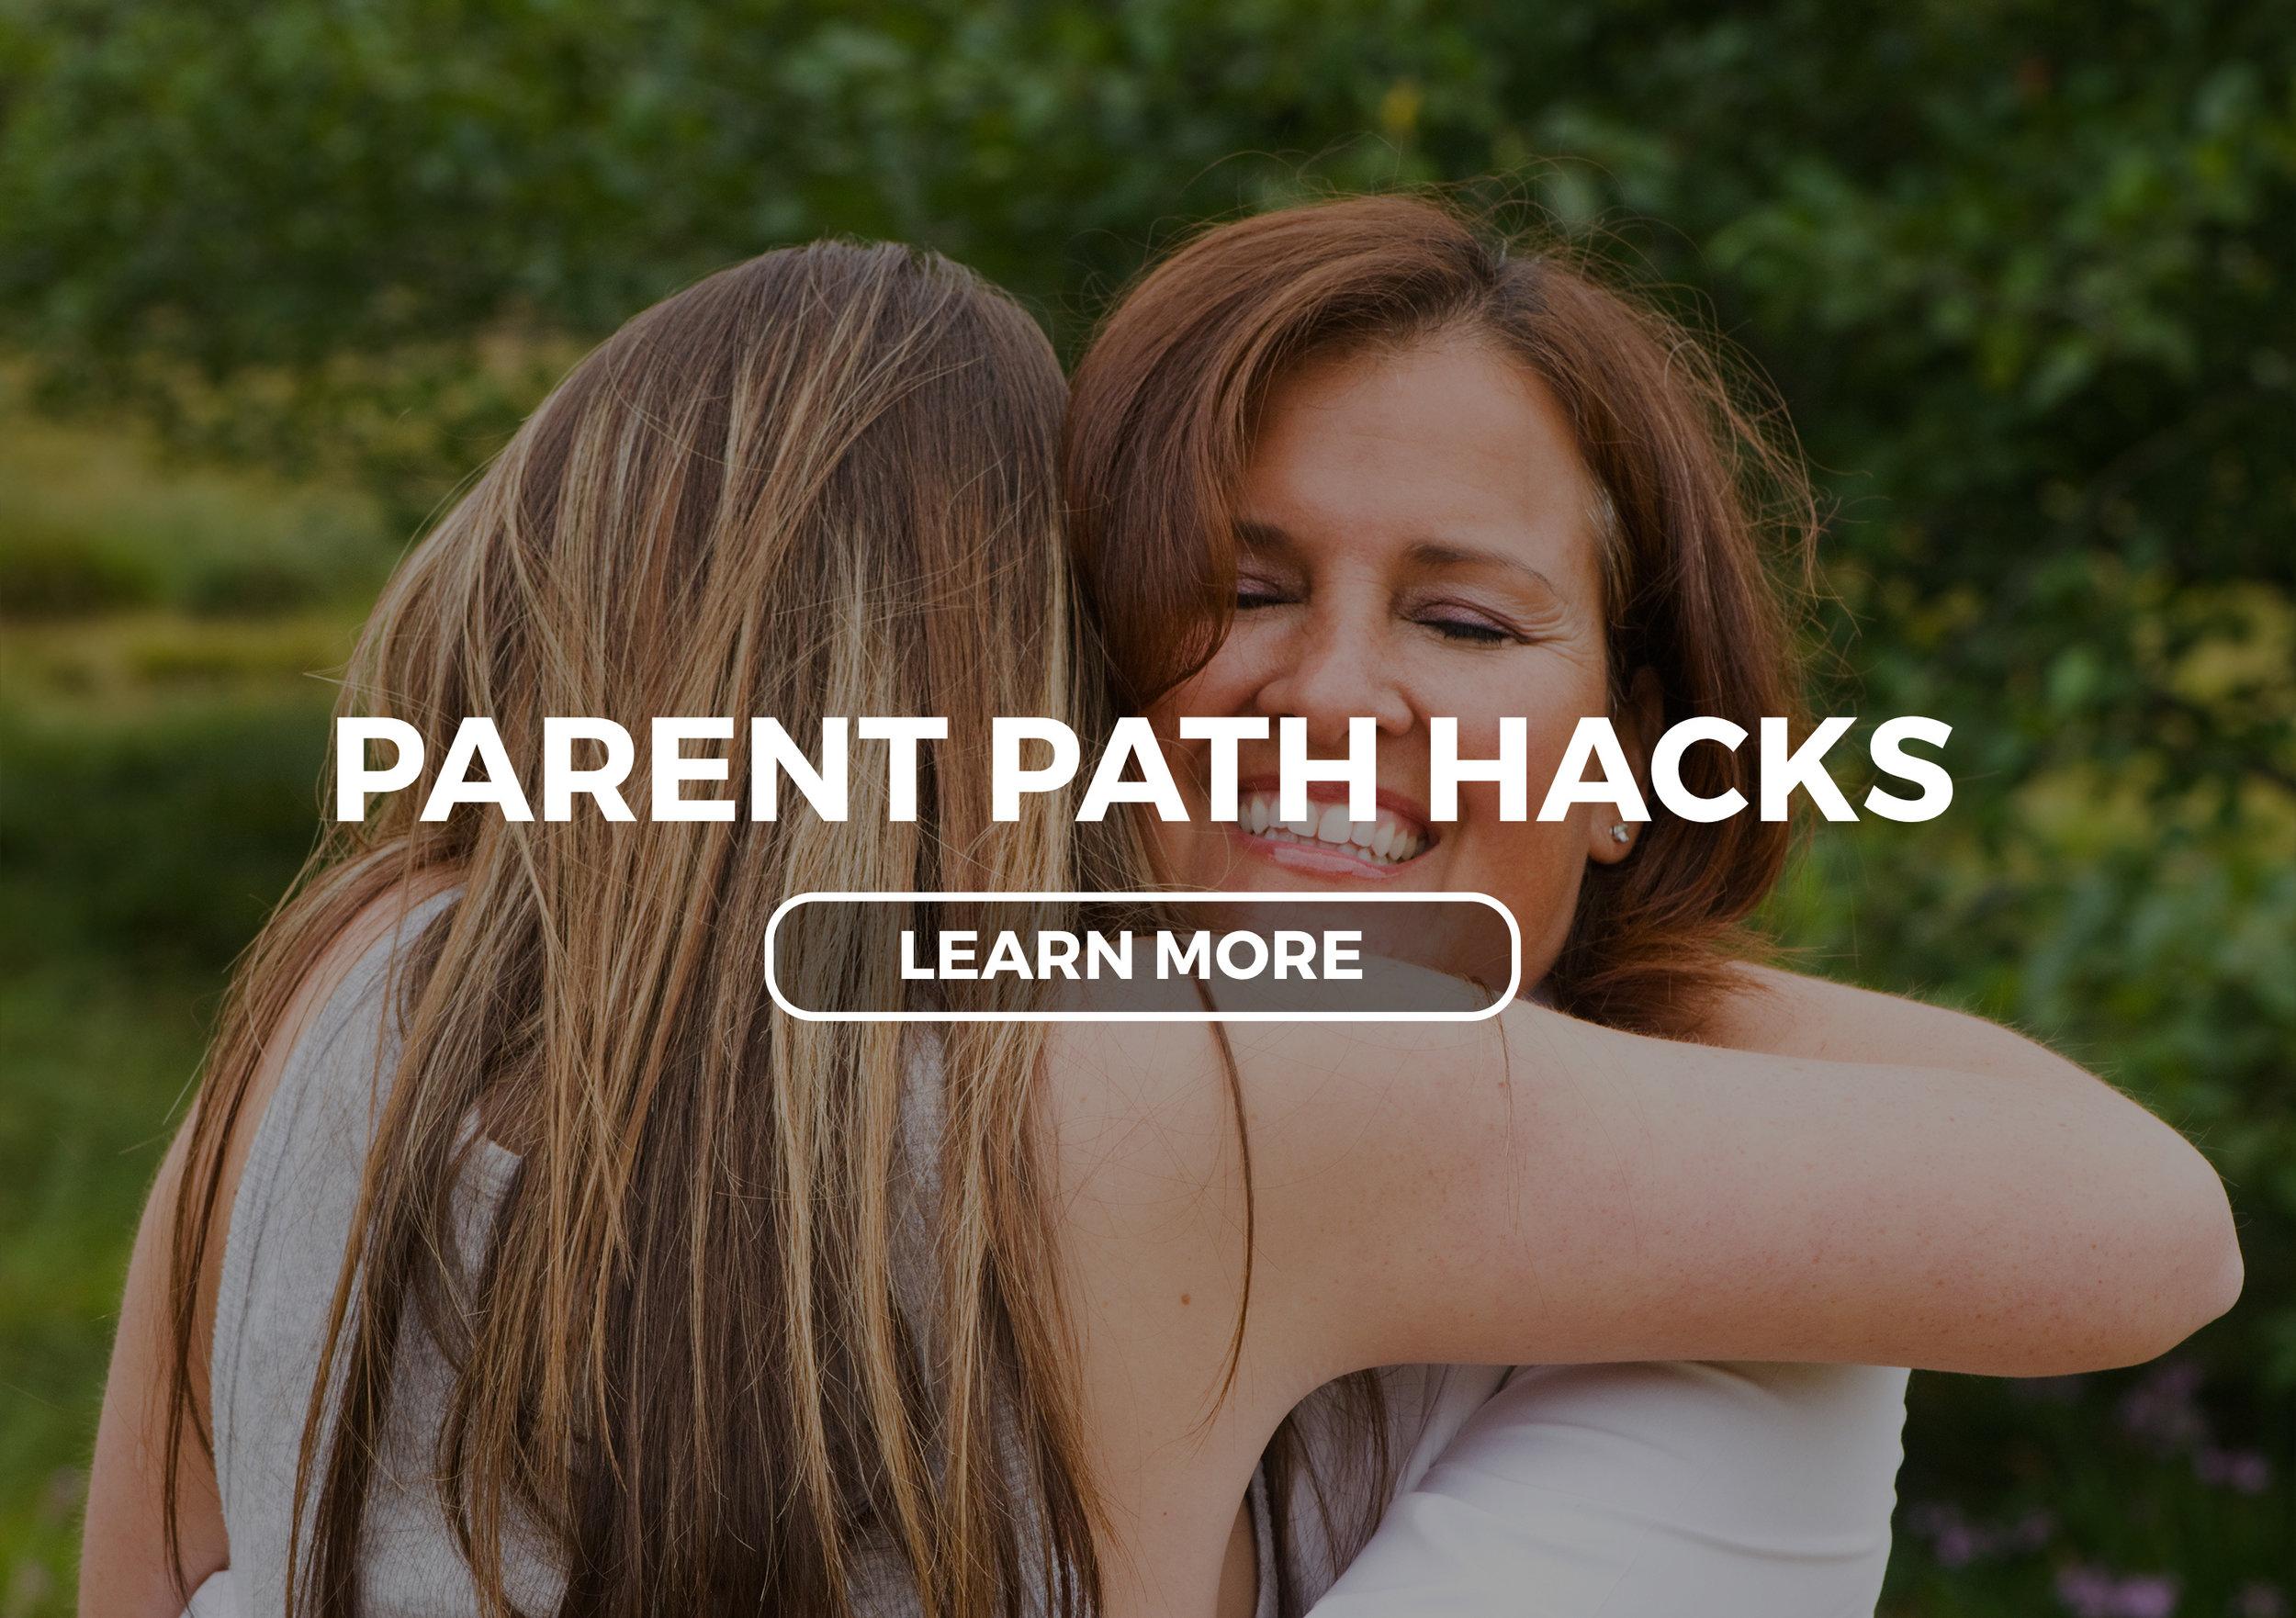 Parent Path Hacks